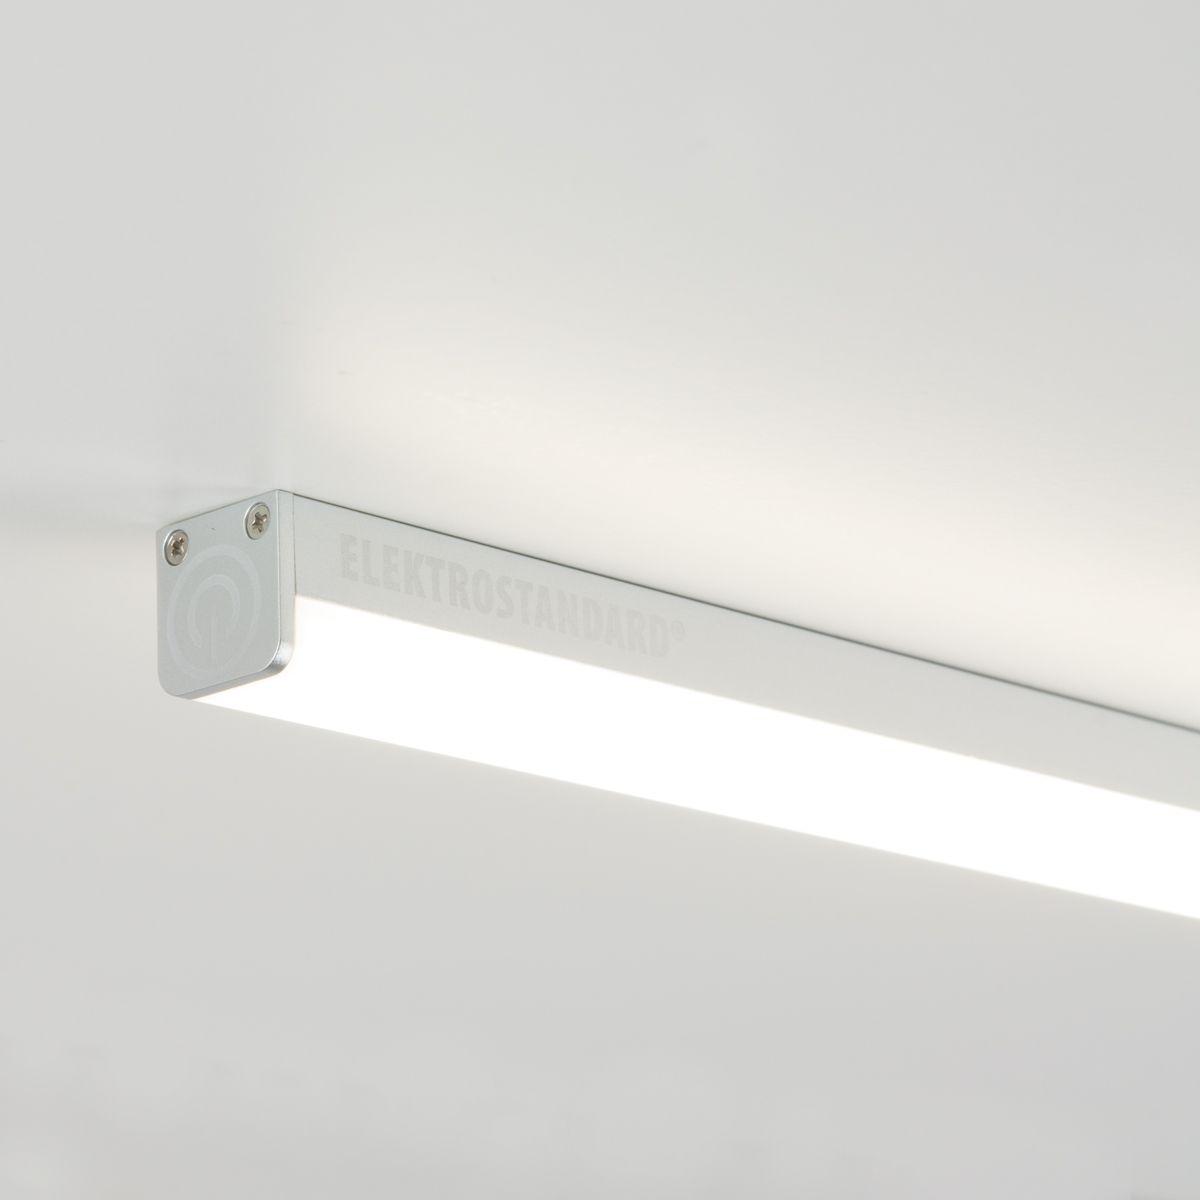 Светодиодный светильник с сенсорным выключателем Led Stick 12Вт 60см LST01 12W 4200K